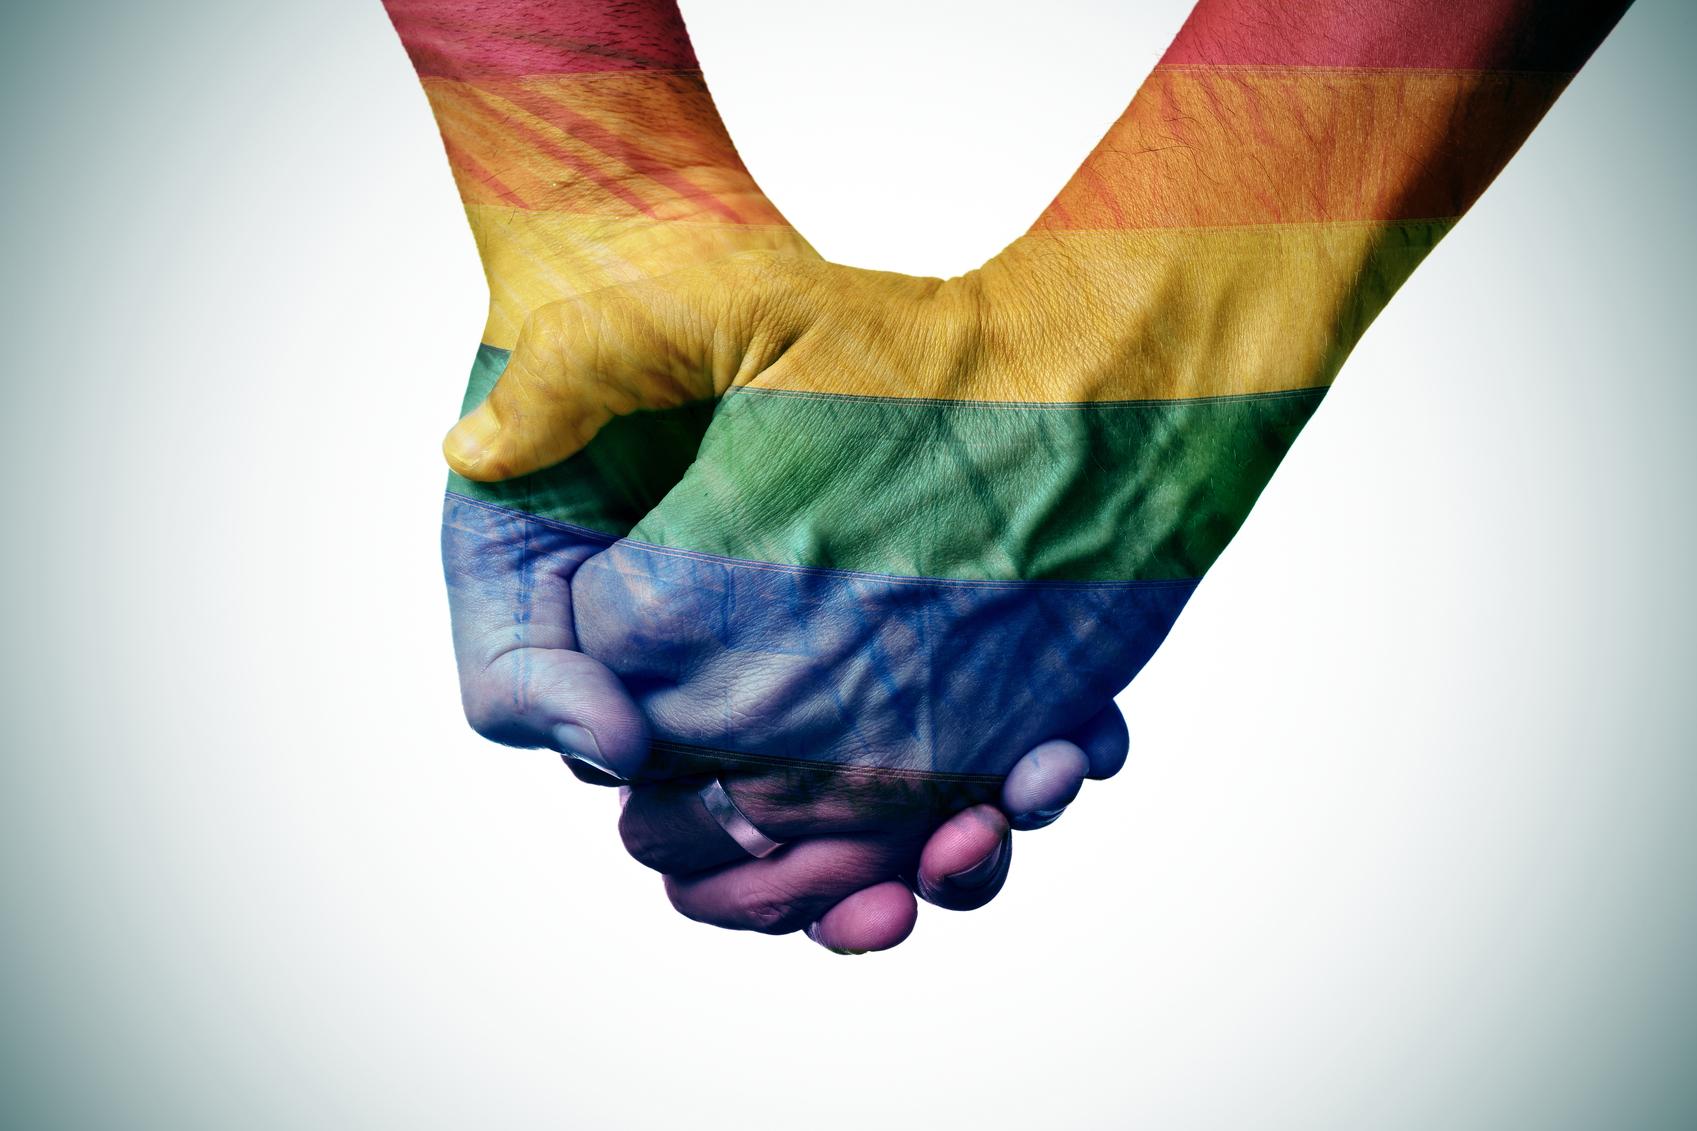 التعايش مع فيروس نقص المناعة البشري بين الأشخاص ذوي الميول الجنسية المختلفة - صورة 1